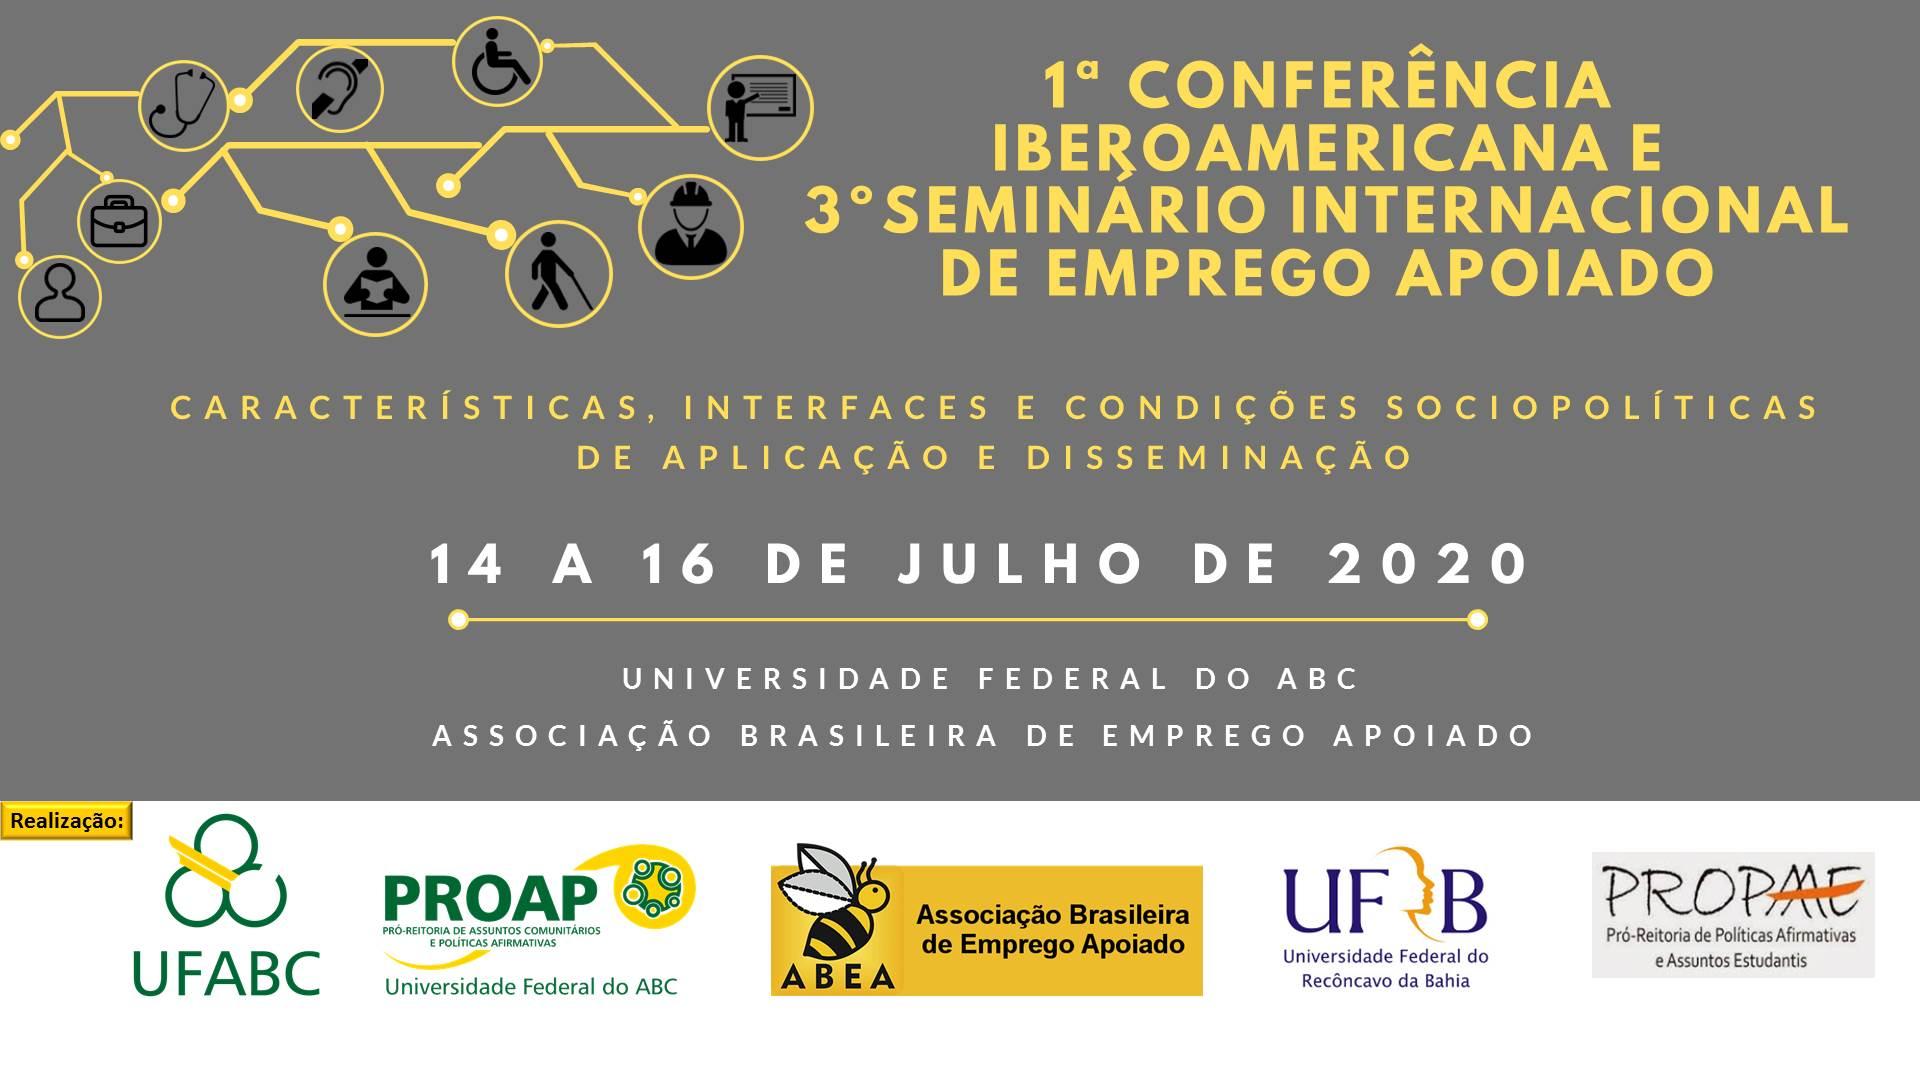 I CONFERENCIA IBERO-AMERICANA E III SEMINÁRIO INTERNACIONAL DE EMPREGO APOIADO